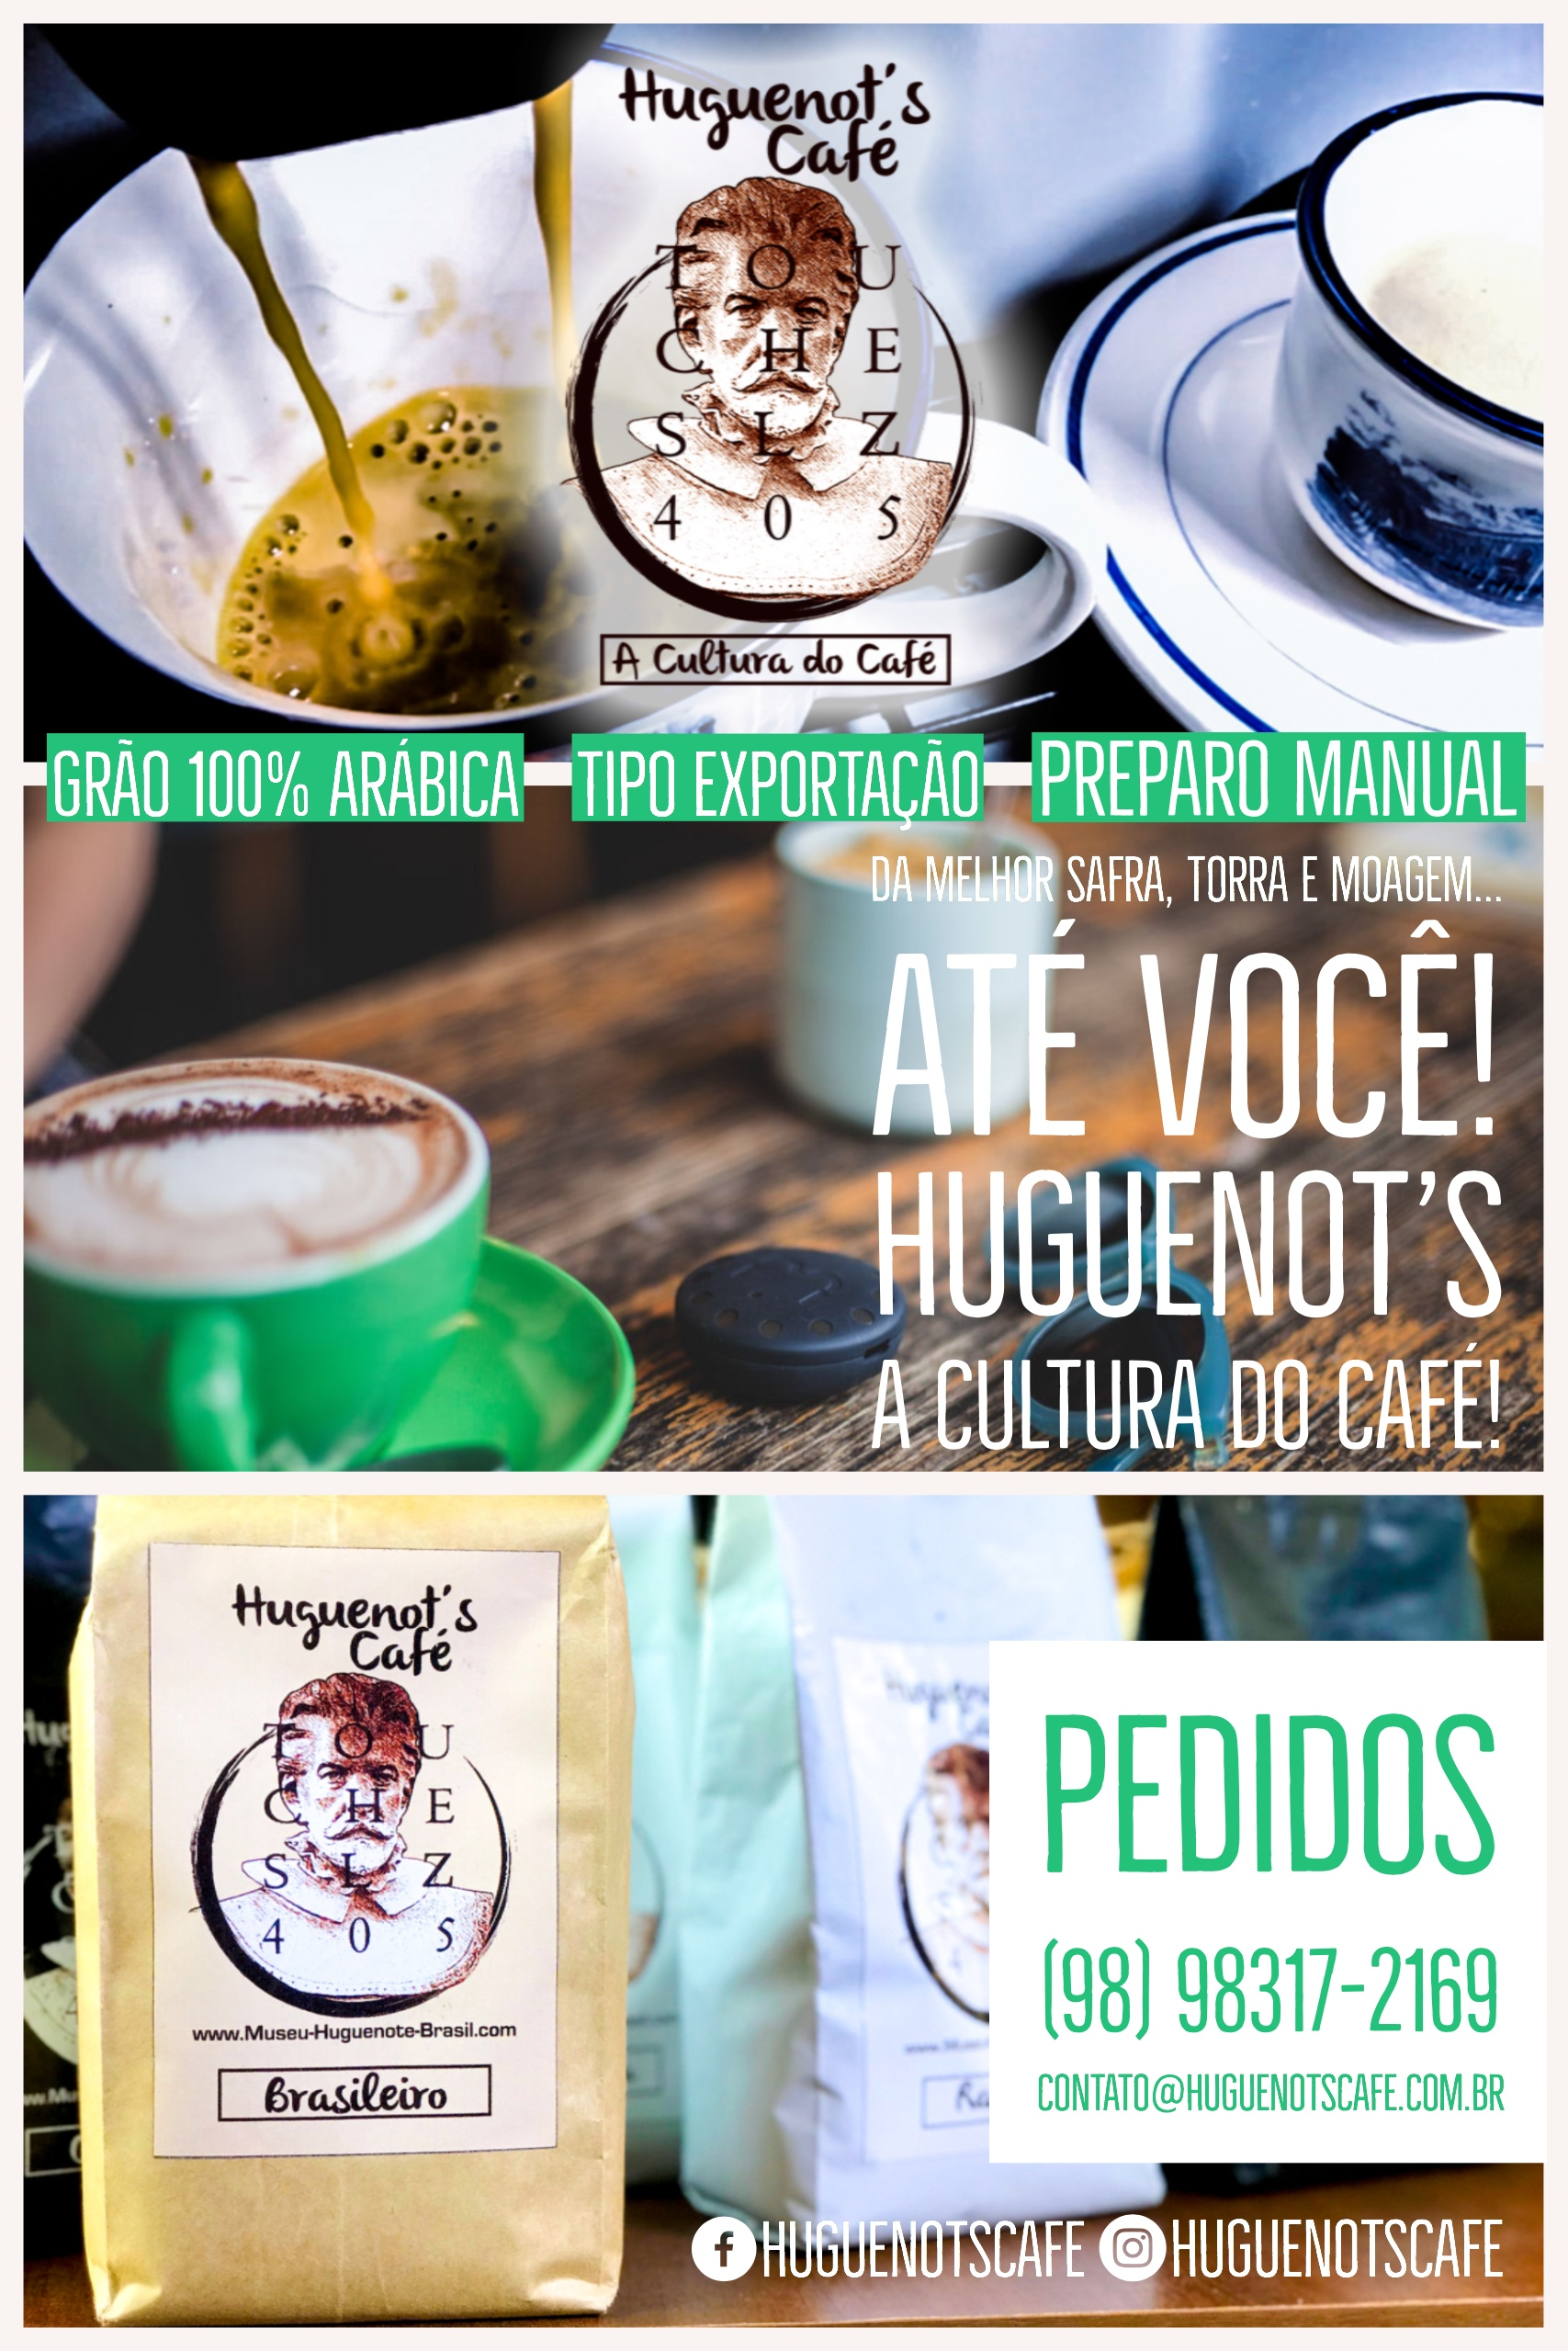 Huguenot's Café - Café Brasileiro 100% Grão Arábica